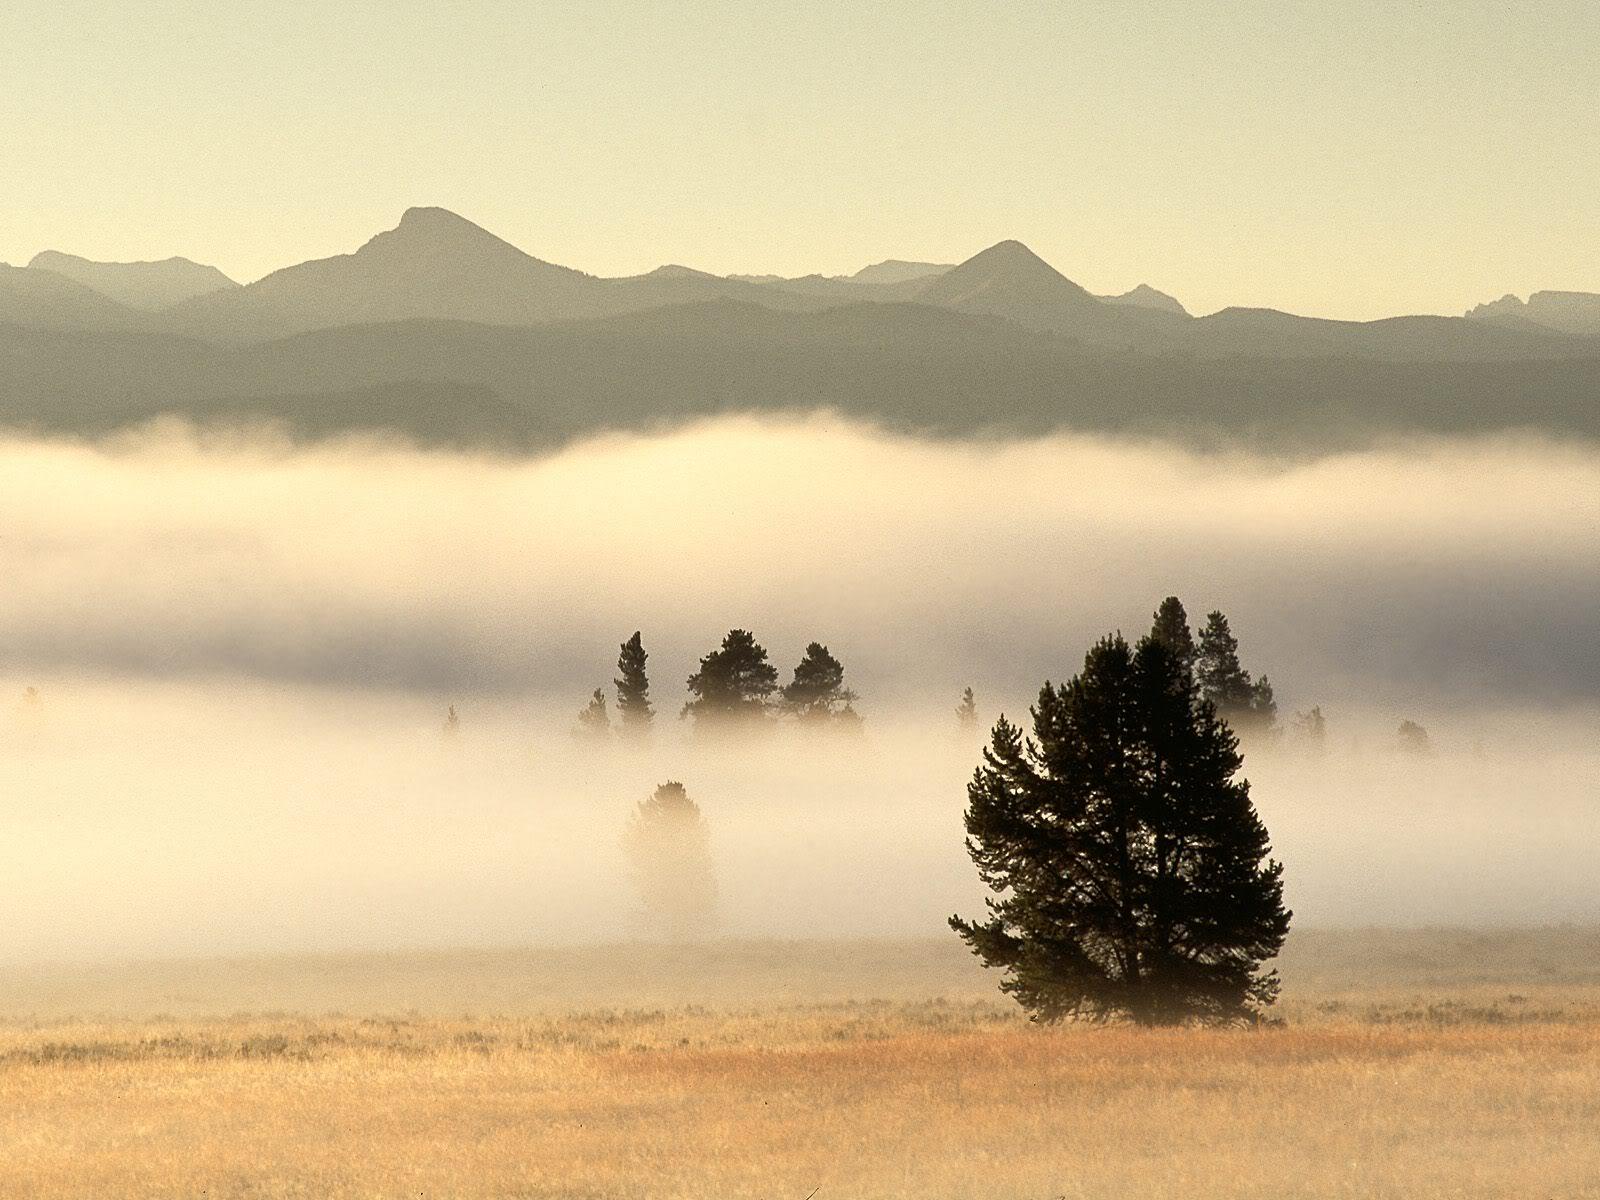 அழகு மலைகளின் காட்சிகள் சில.....02 - Page 22 FogatSunrisePelicanValleyYellowston